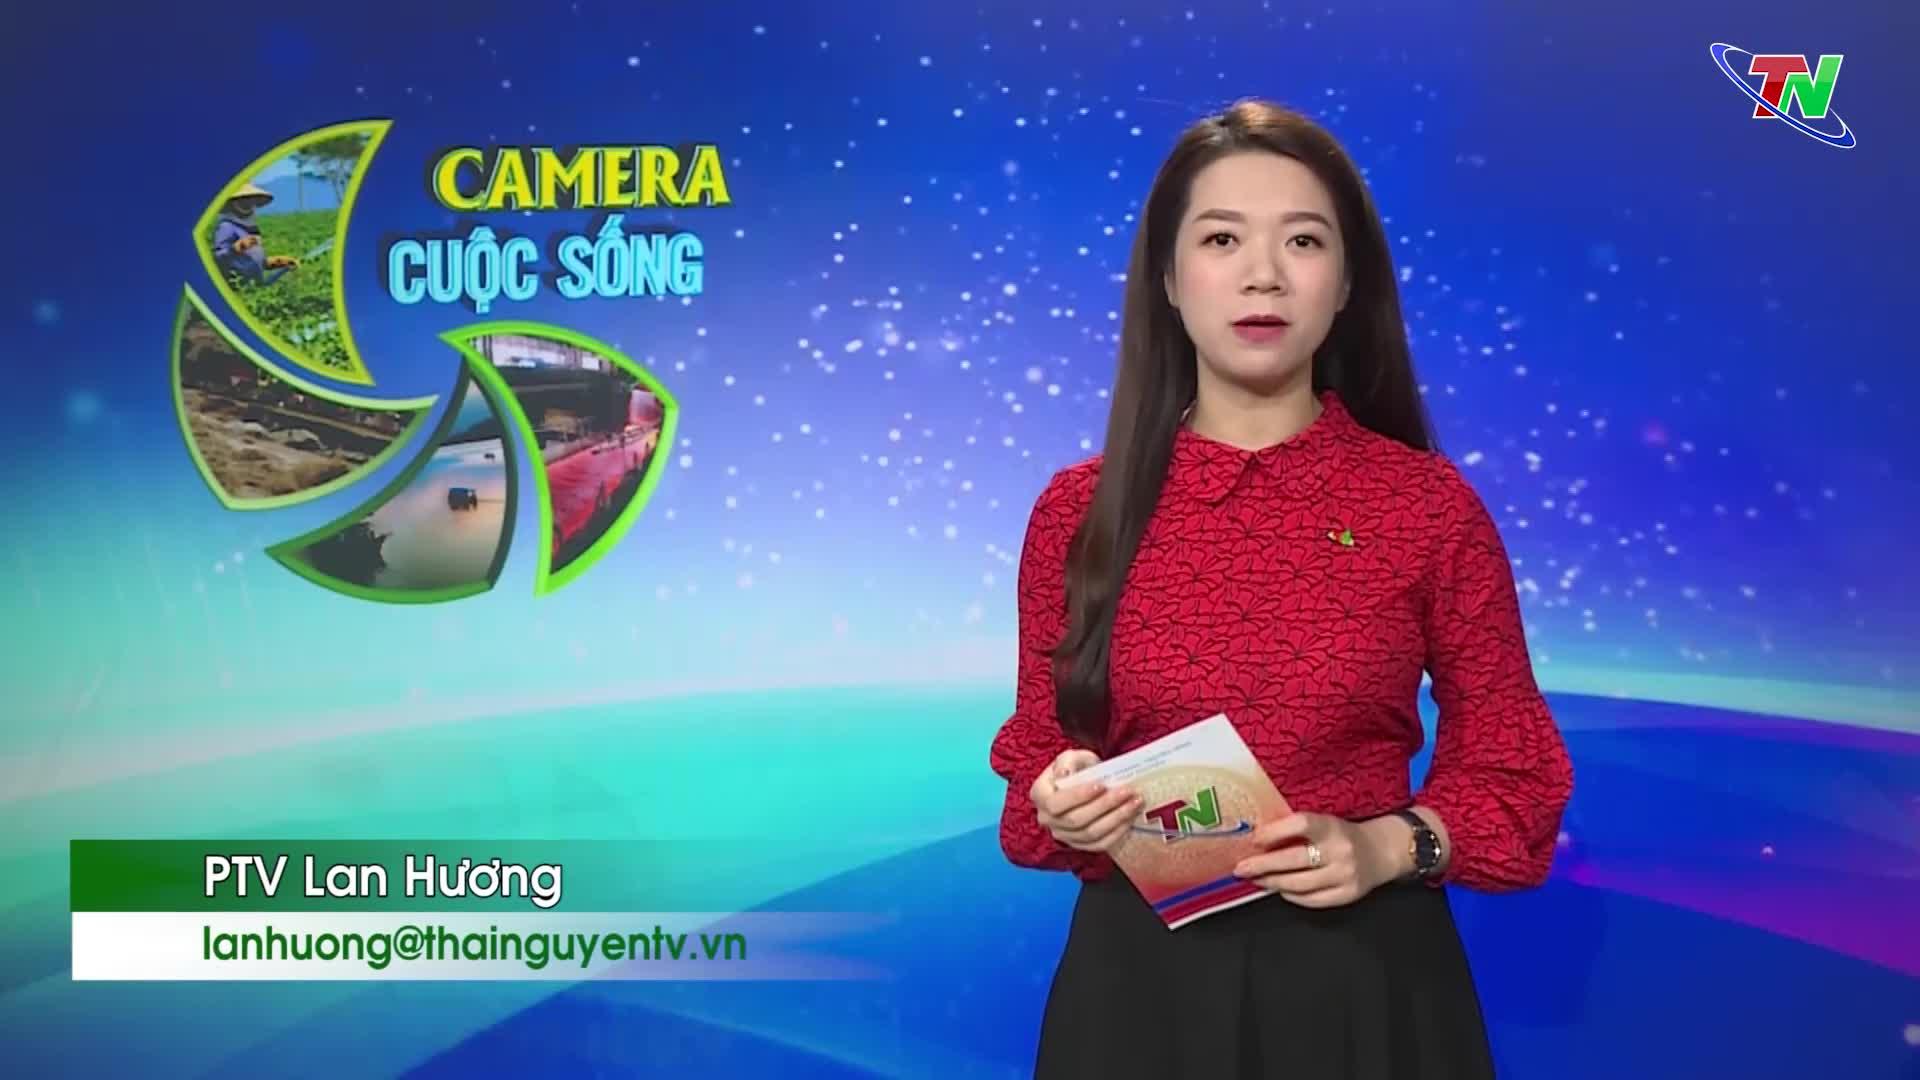 Camera cuộc sống ngày 22/5/2020